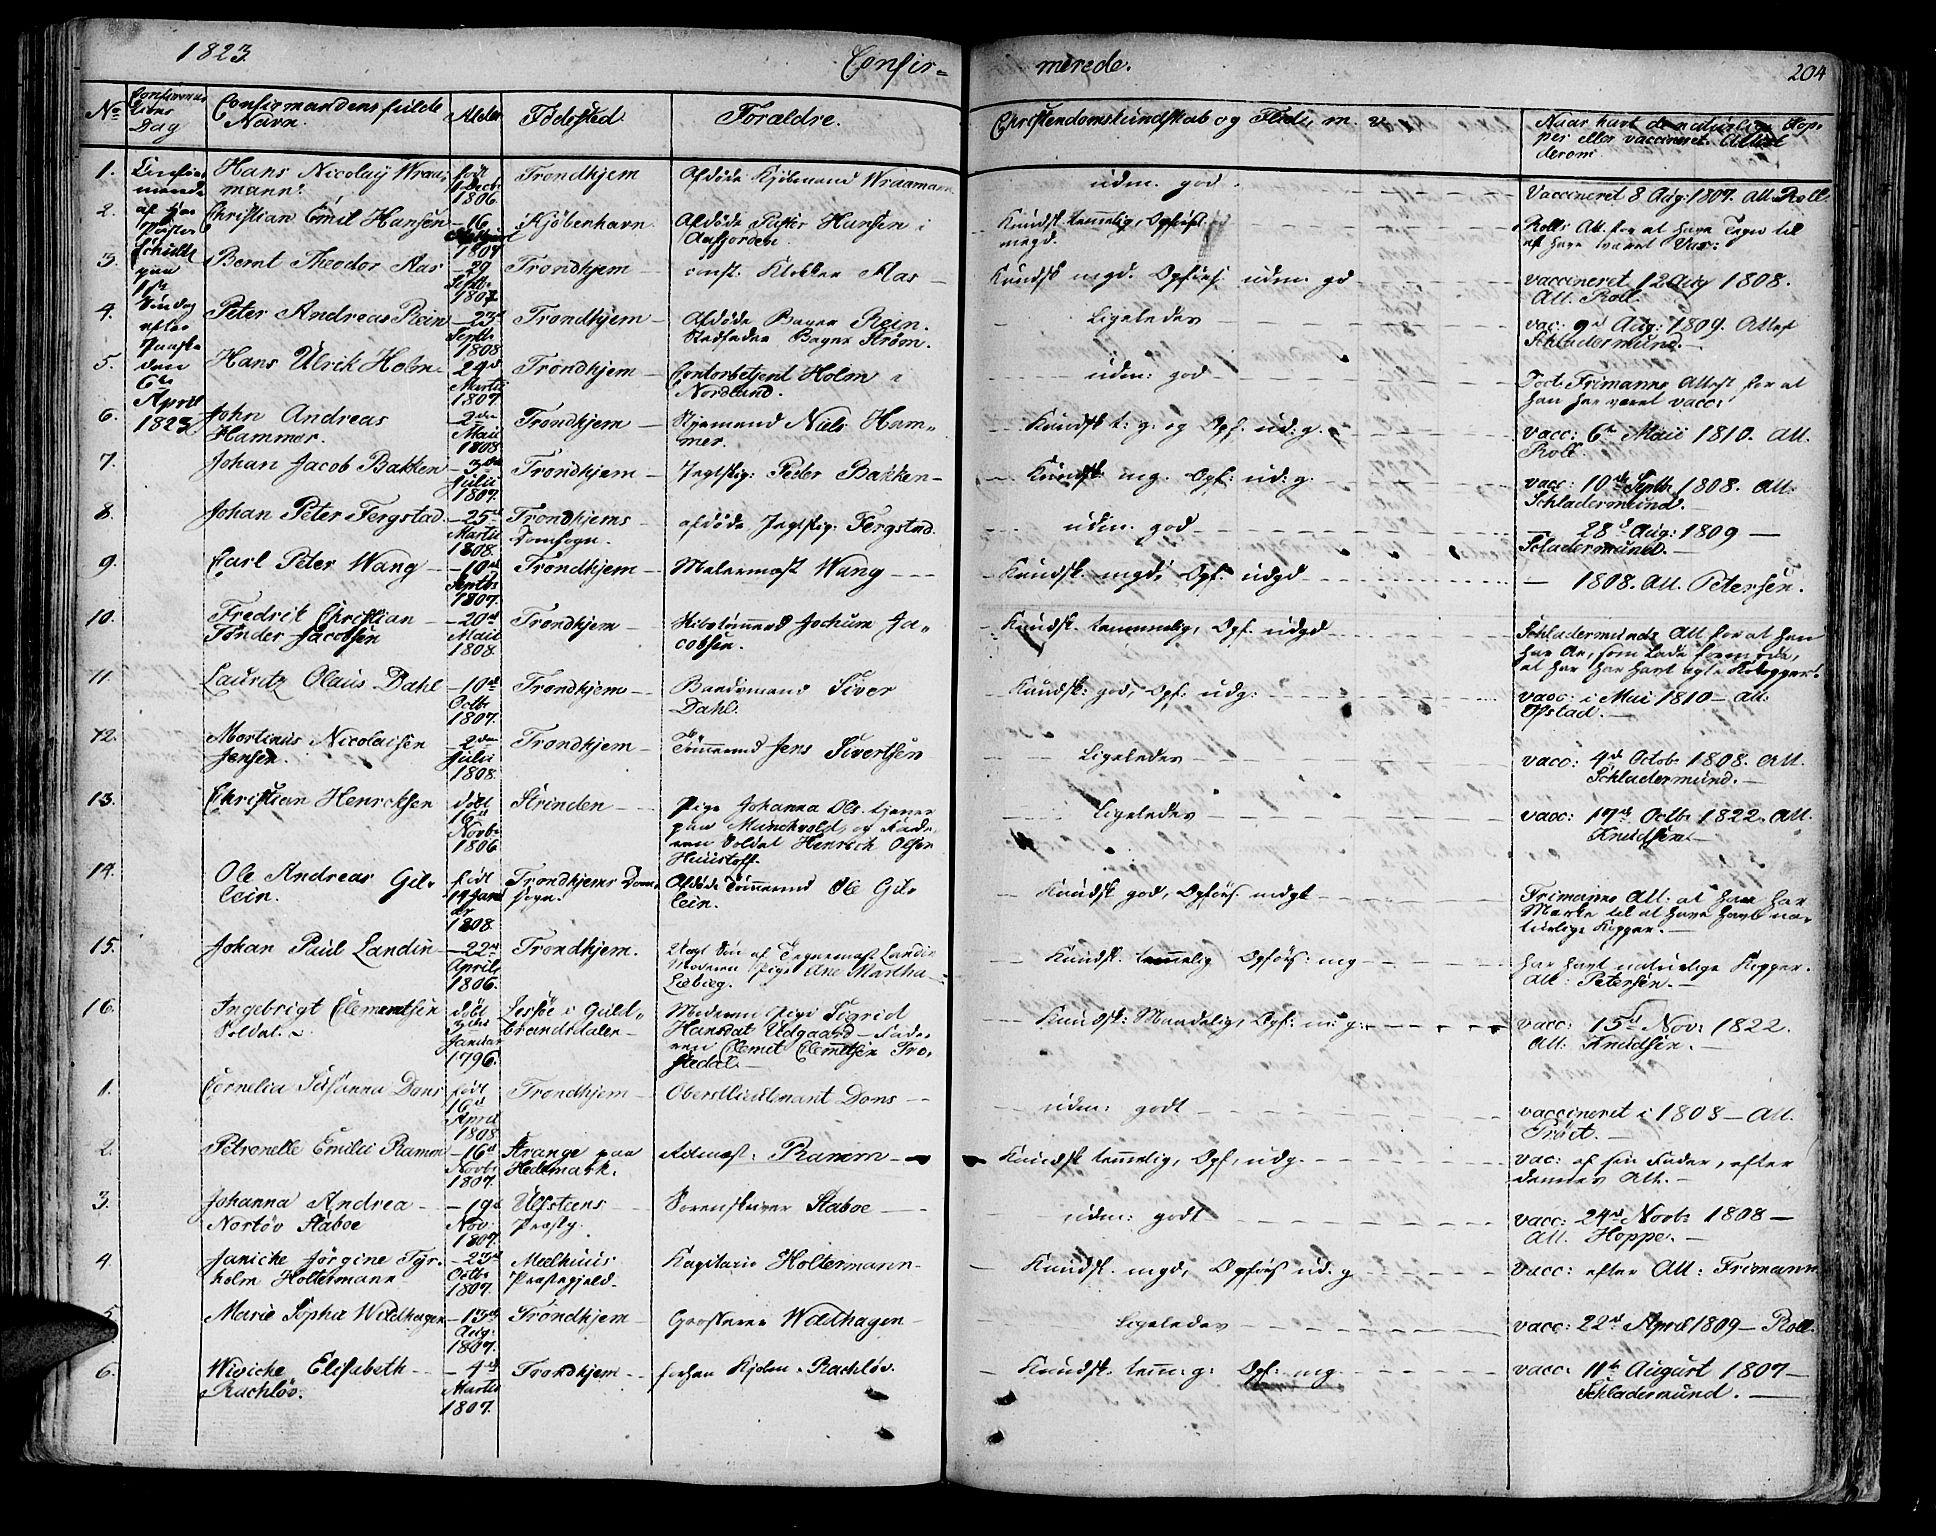 SAT, Ministerialprotokoller, klokkerbøker og fødselsregistre - Sør-Trøndelag, 602/L0108: Ministerialbok nr. 602A06, 1821-1839, s. 204